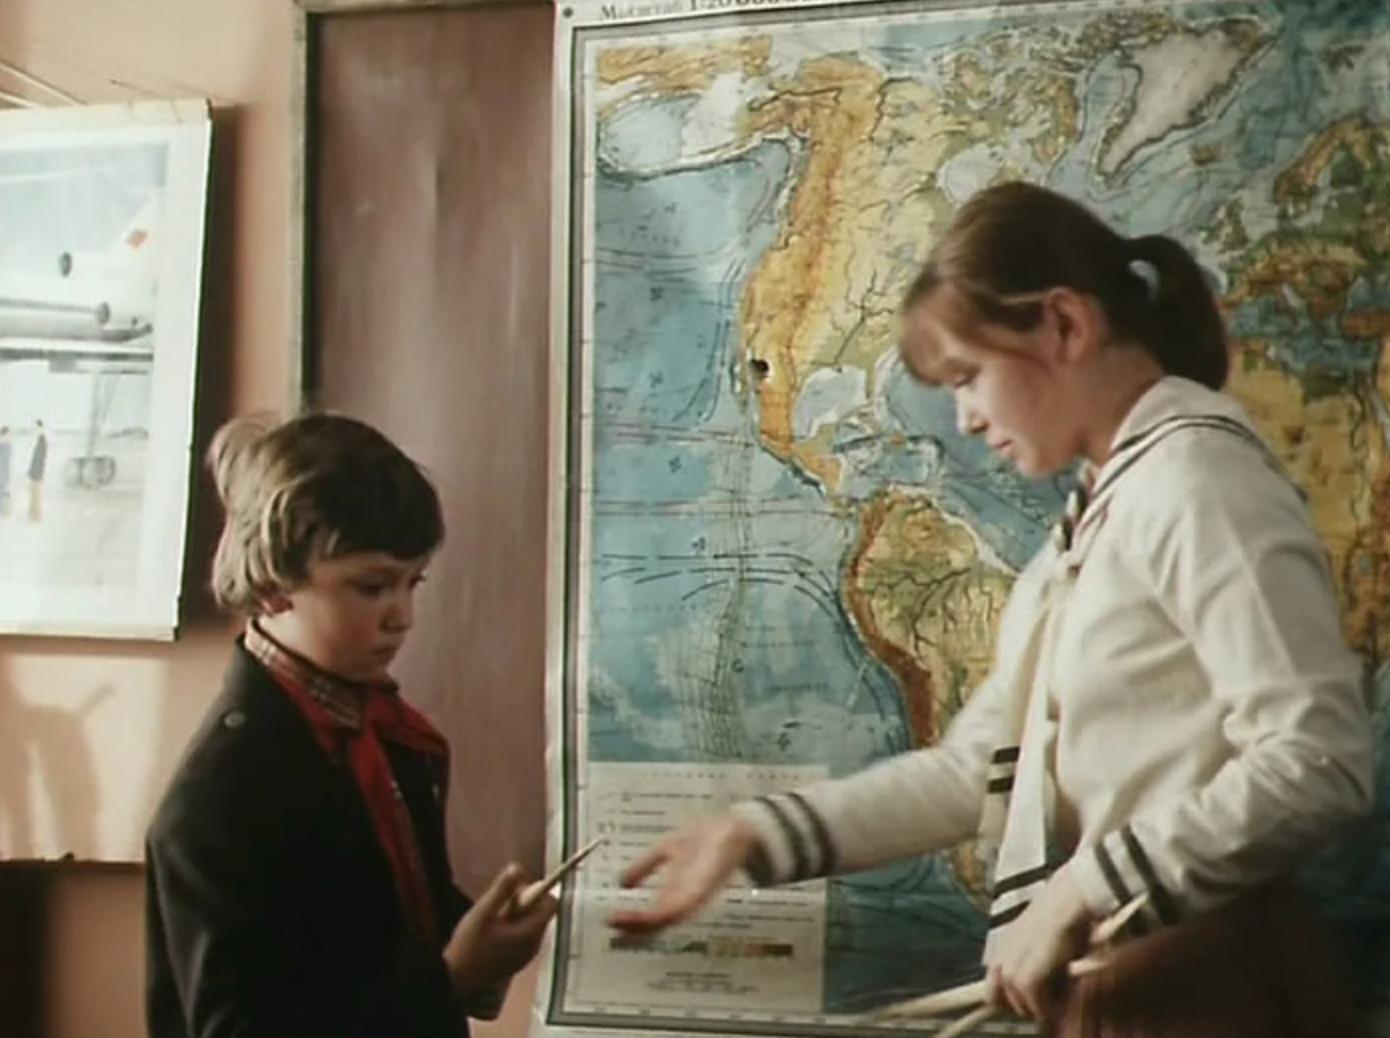 Кадр из фильма «Приключения Петрова и Васечкина, обыкновенные и невероятные»